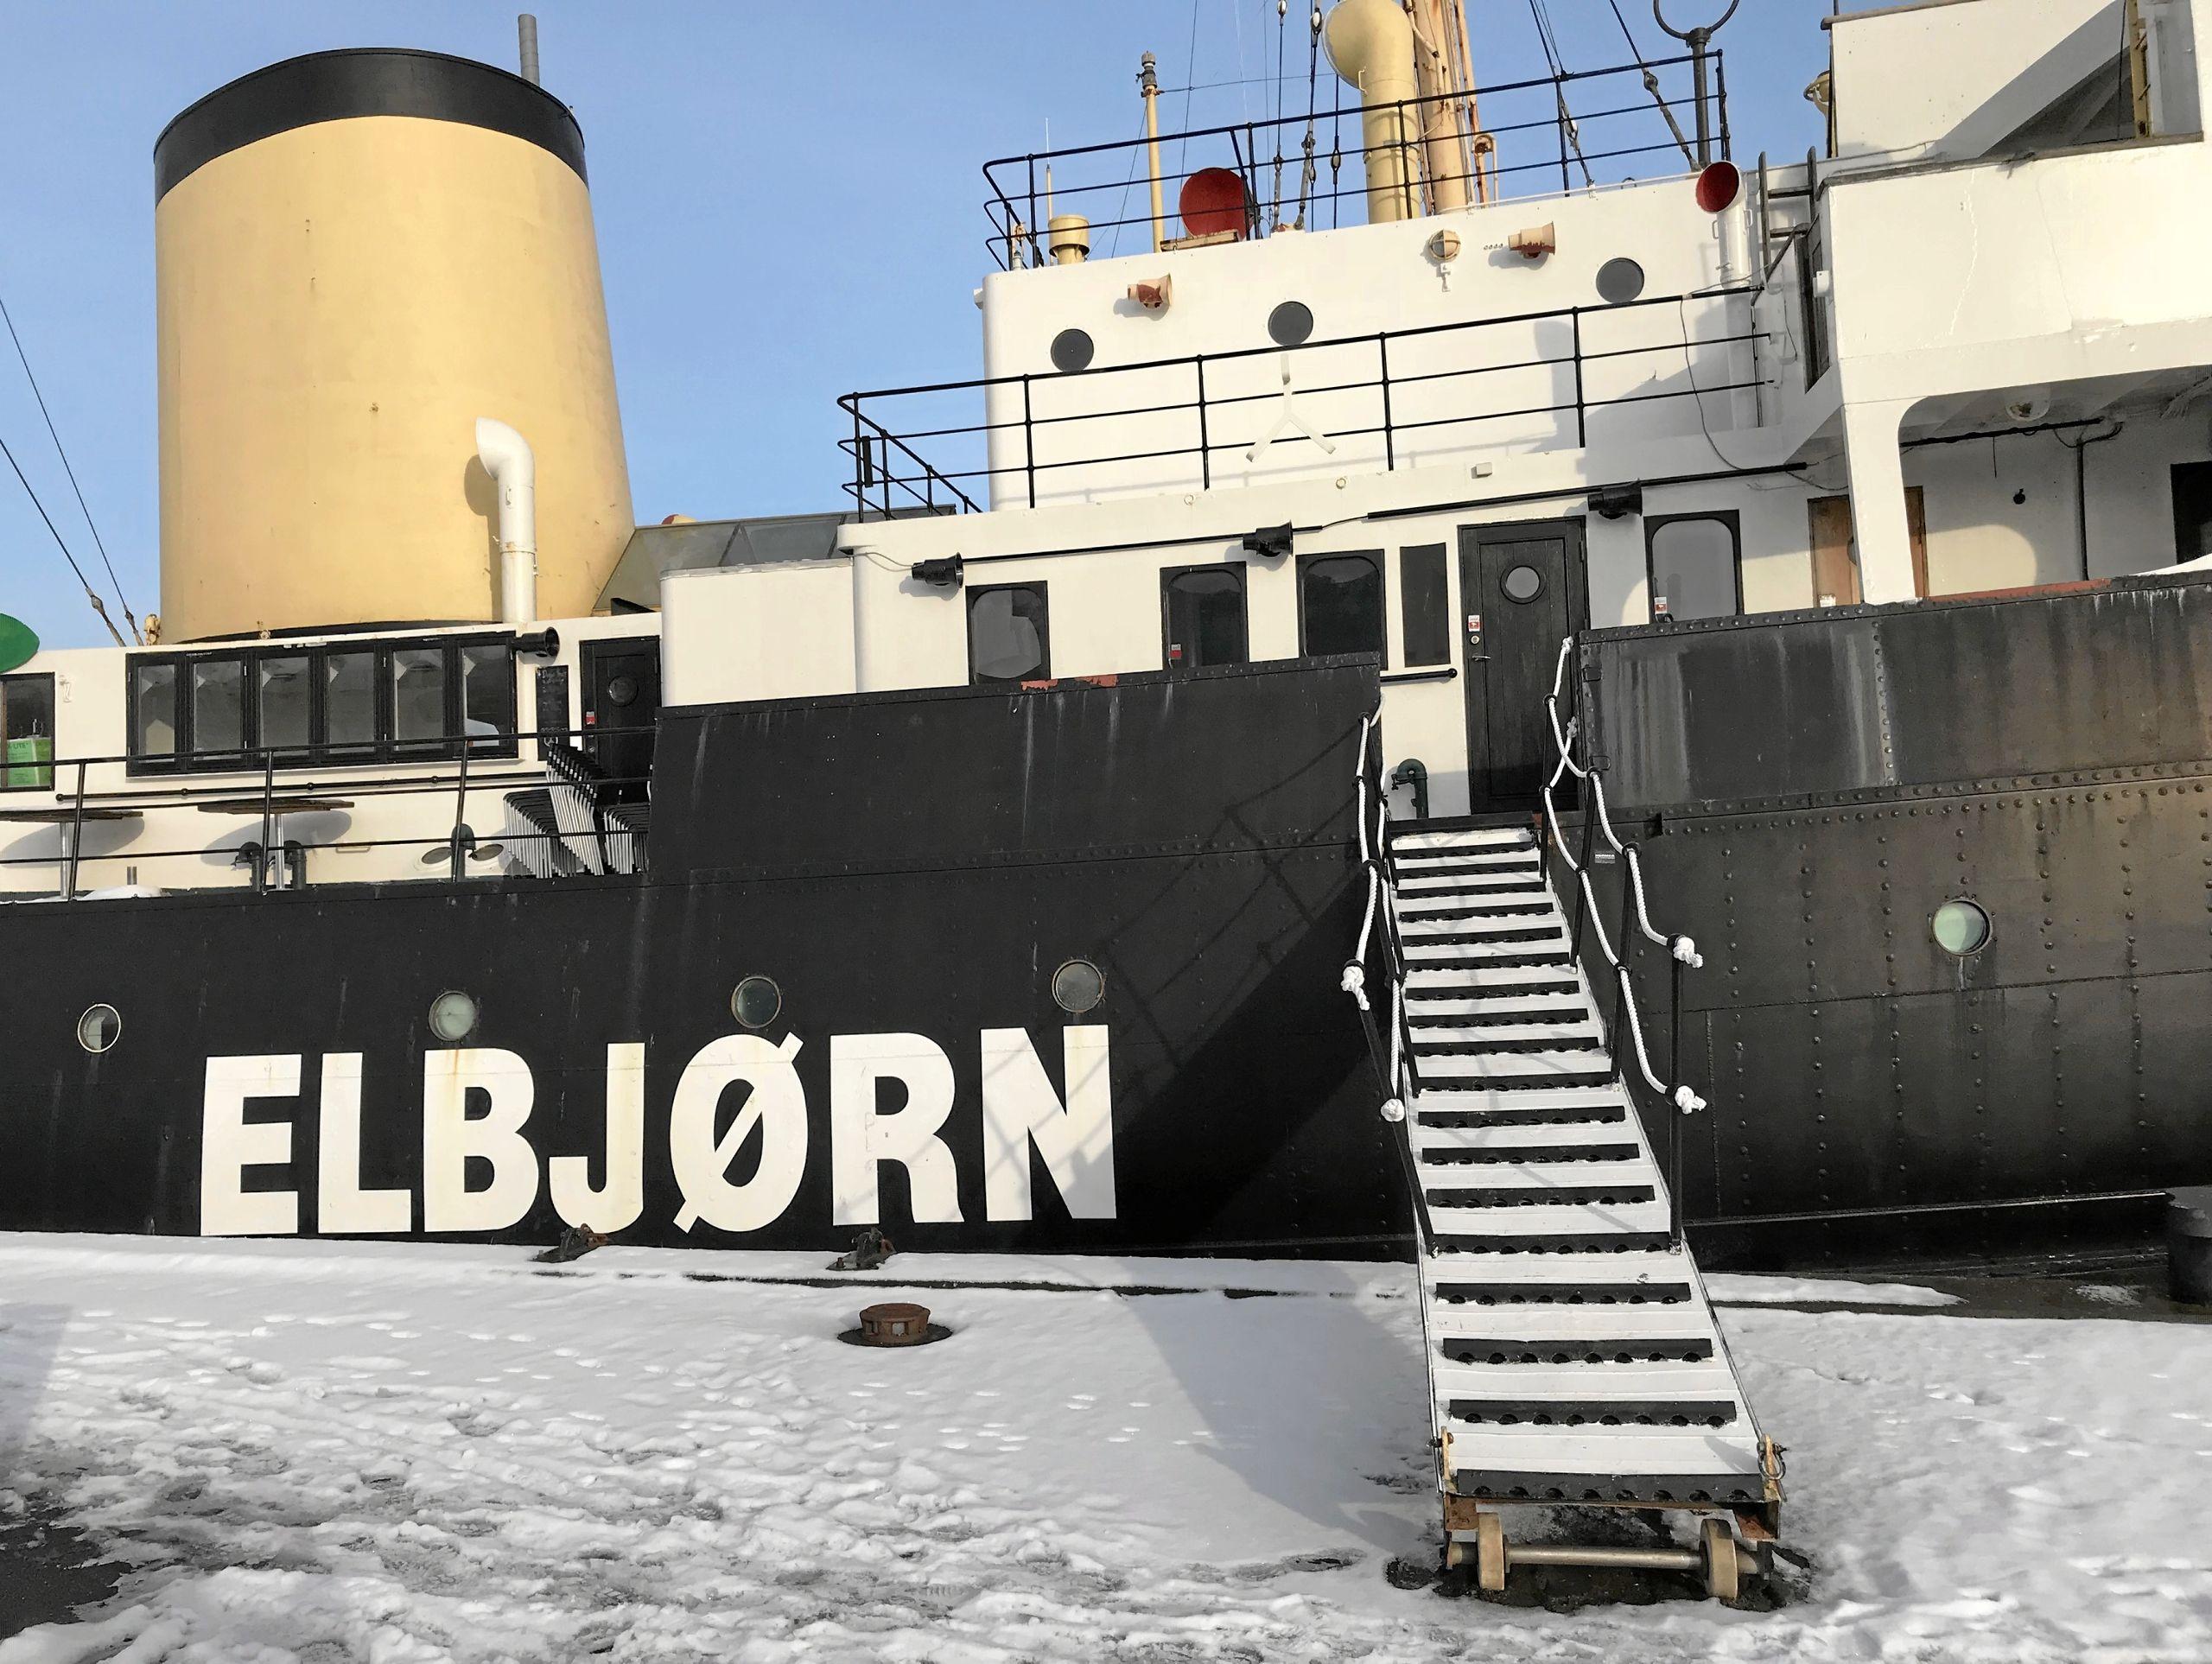 Det virker nærmest som om, at det er en hel menneskealder siden, at der sidst er gået gæster op eller ned ad landgangsbroen til Elbjørn. Foto: Torben O. Andersen